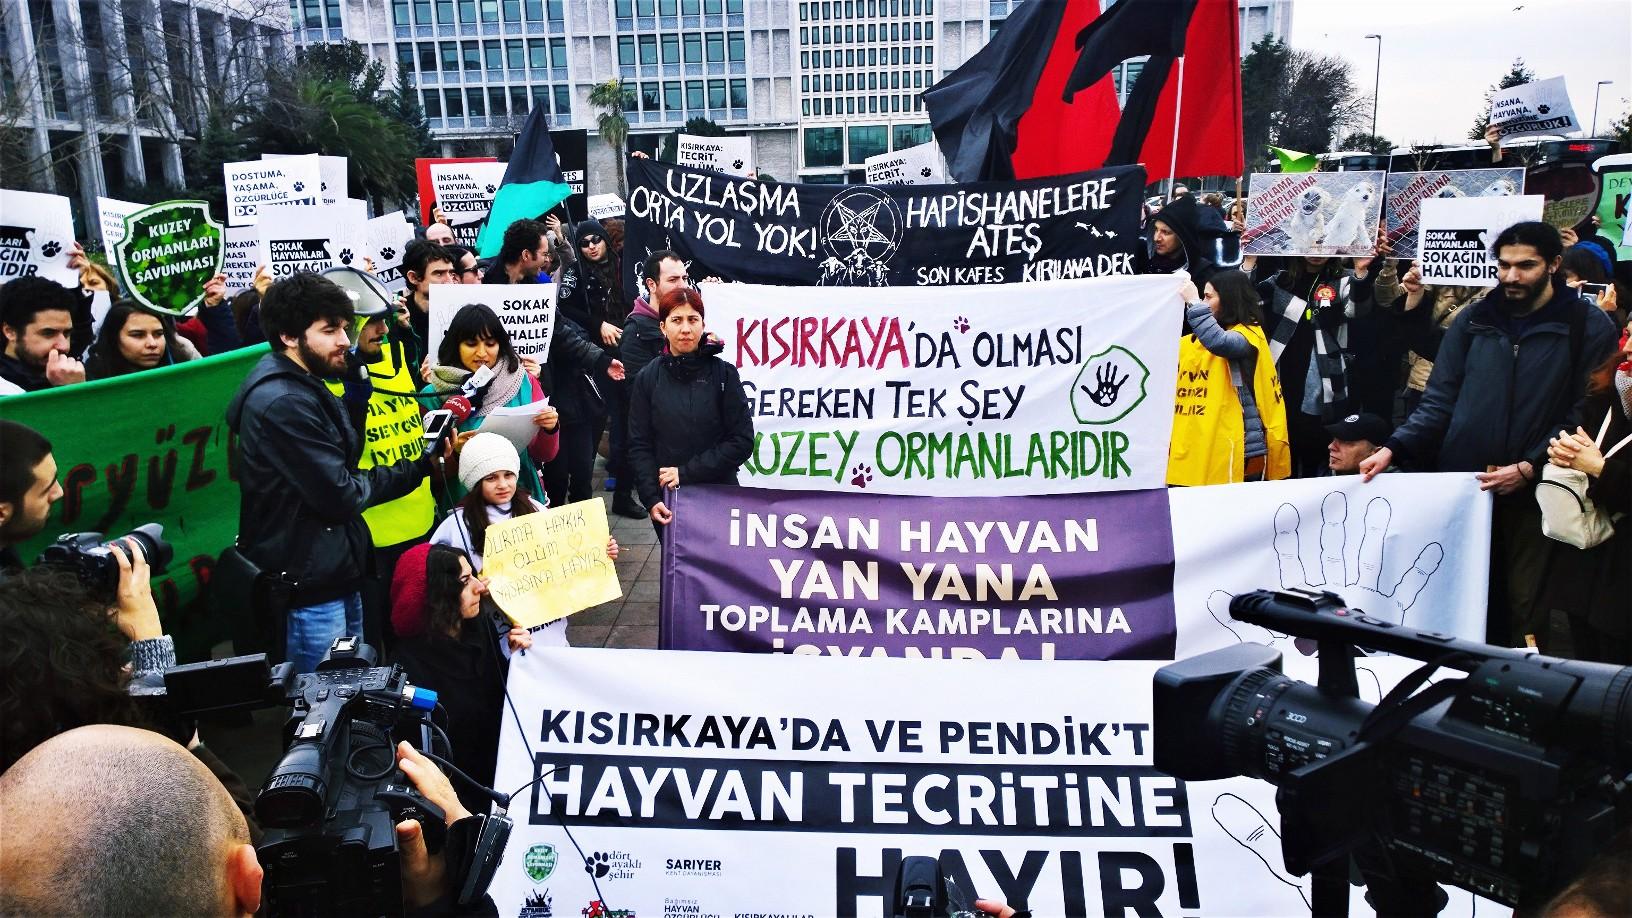 Yaşam savunucuları Pendik ve Kısırkaya ölüm kamplarına karşı İBB'ye yürüdü